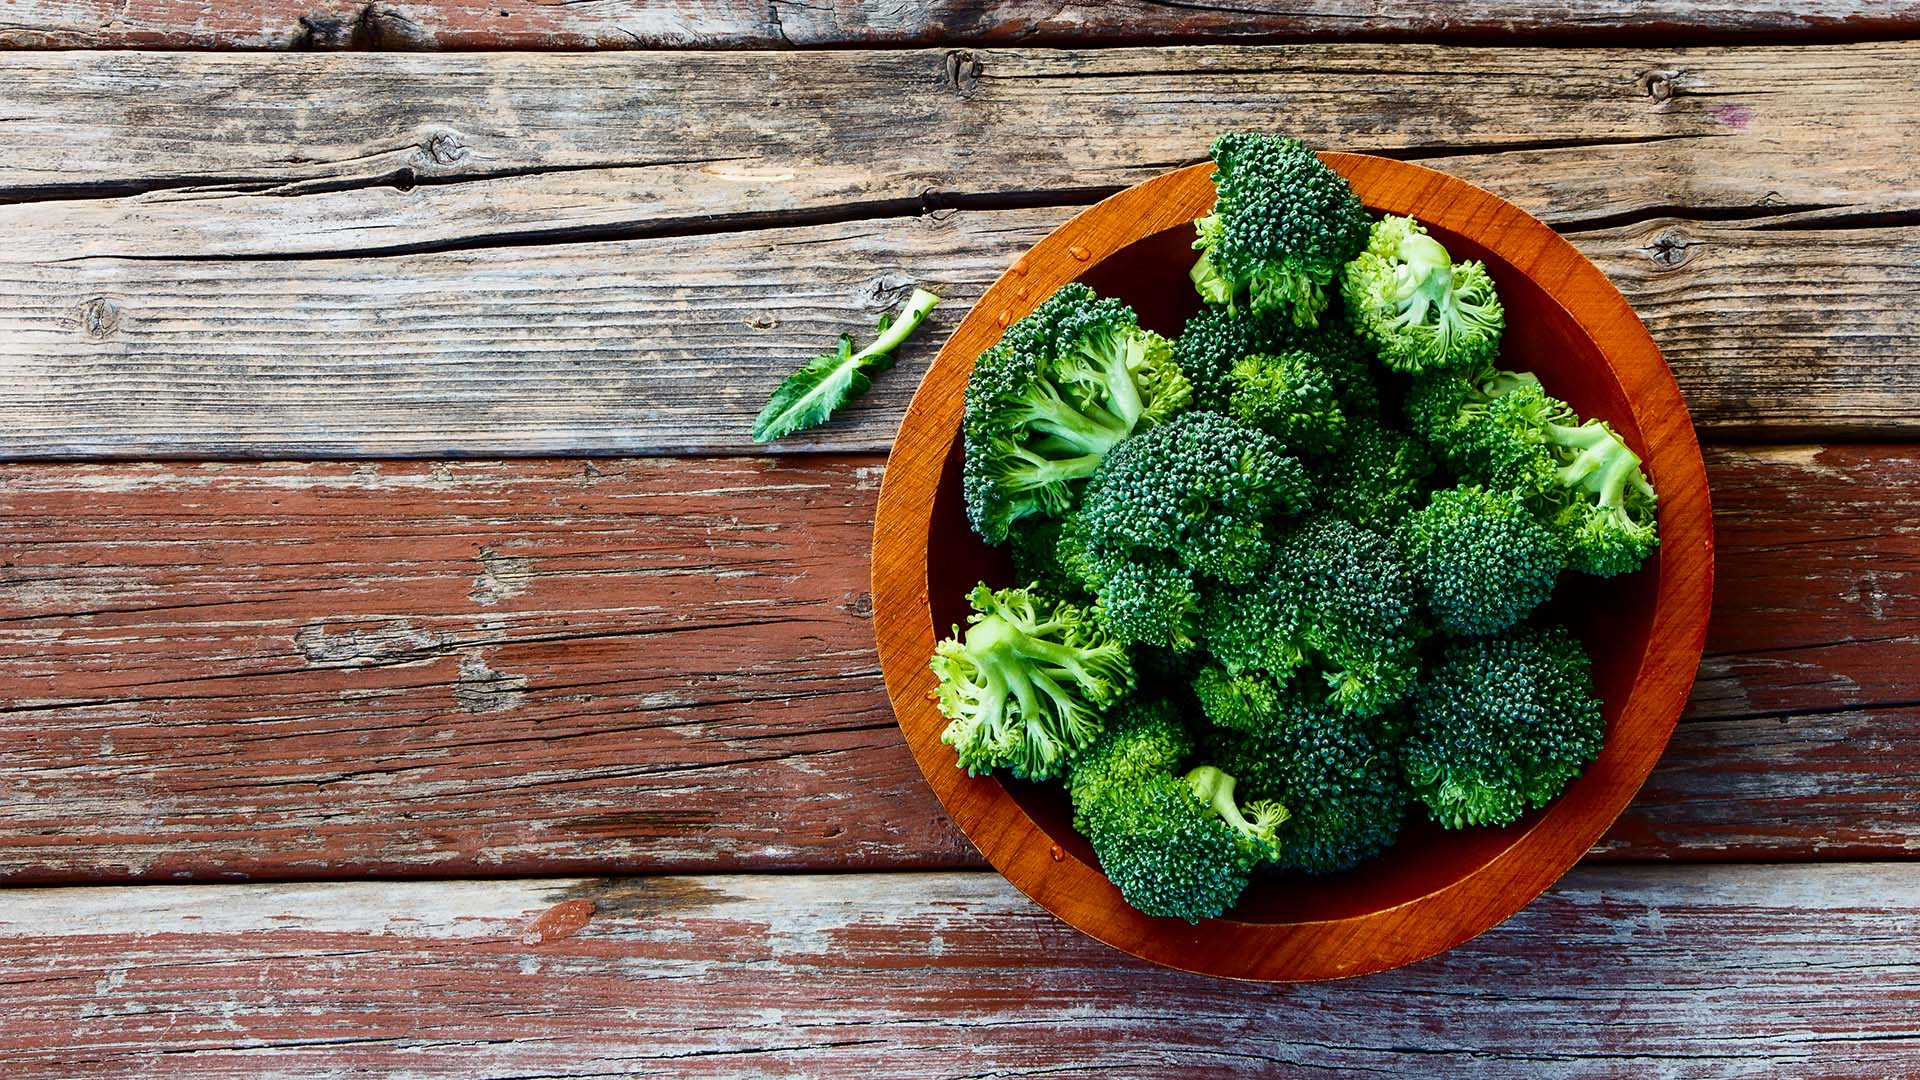 Cavolo broccolo su FruttaWeb